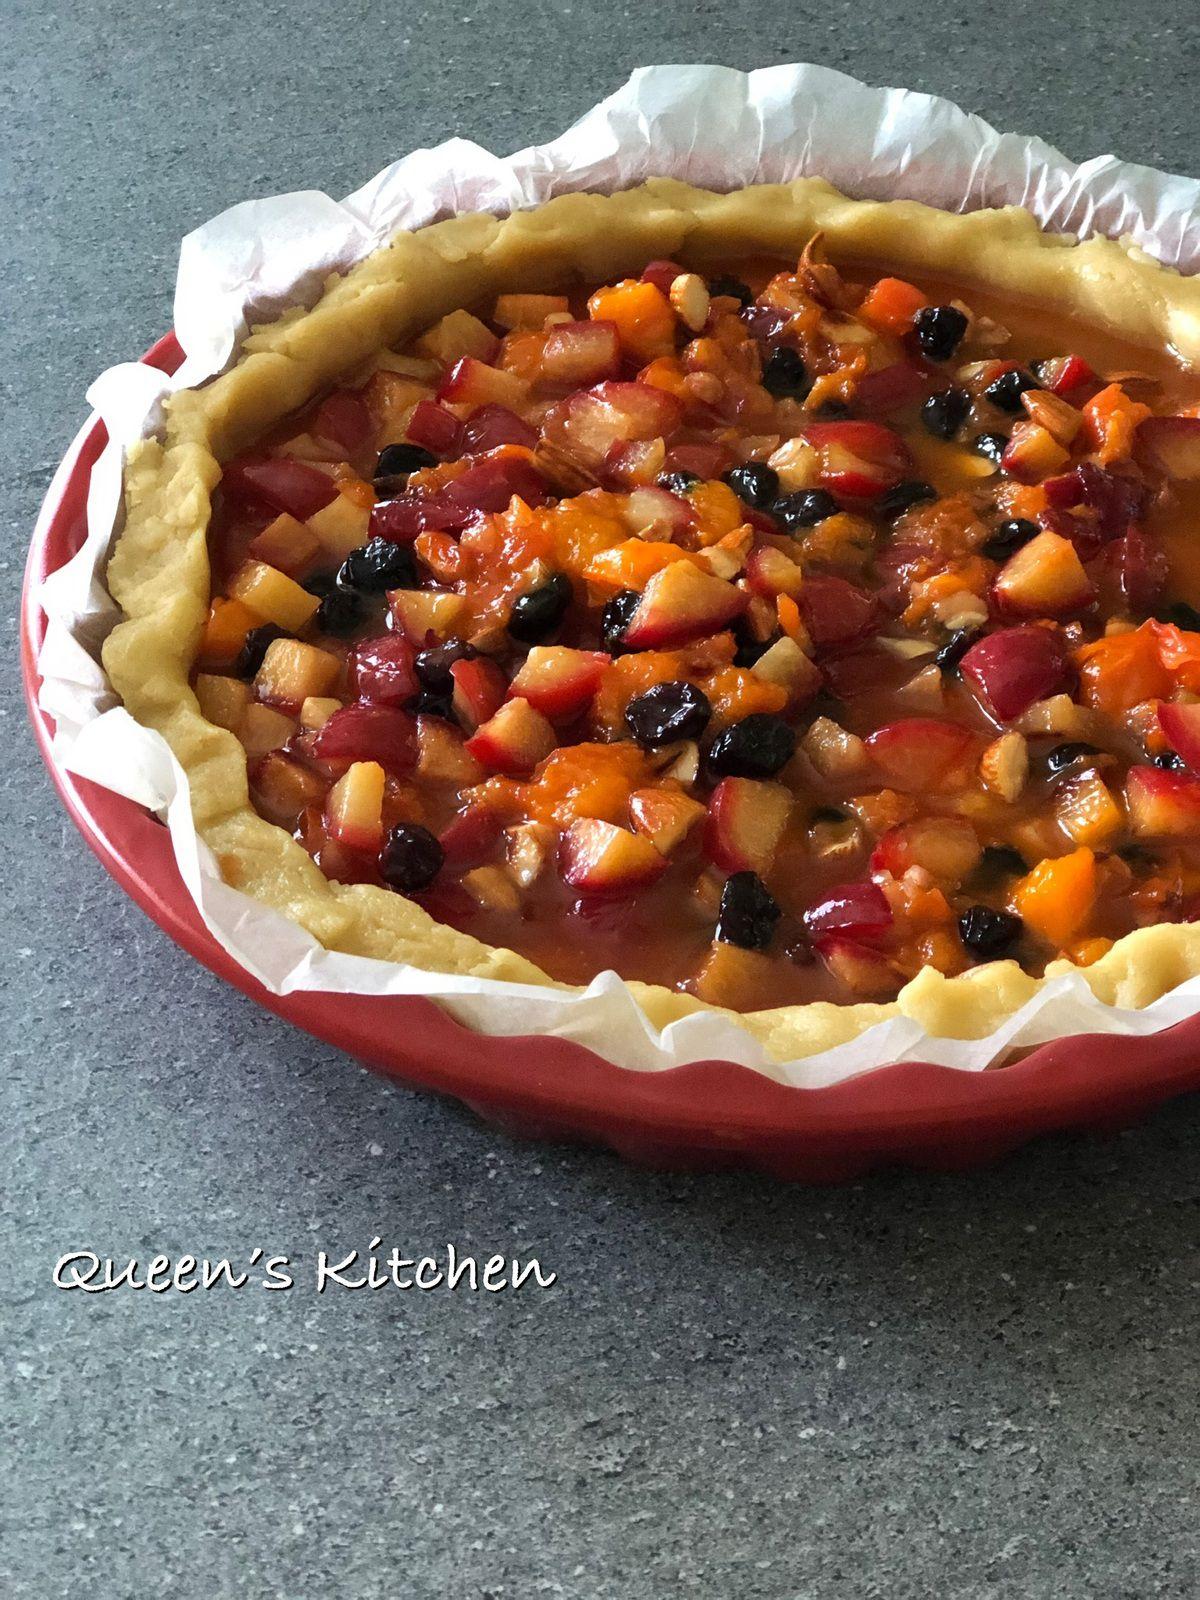 Facciamo riposare la pasta frolla in frigo e lasciamo raffreddare la frutta cotta prima di versarla nel guscio di frolla.